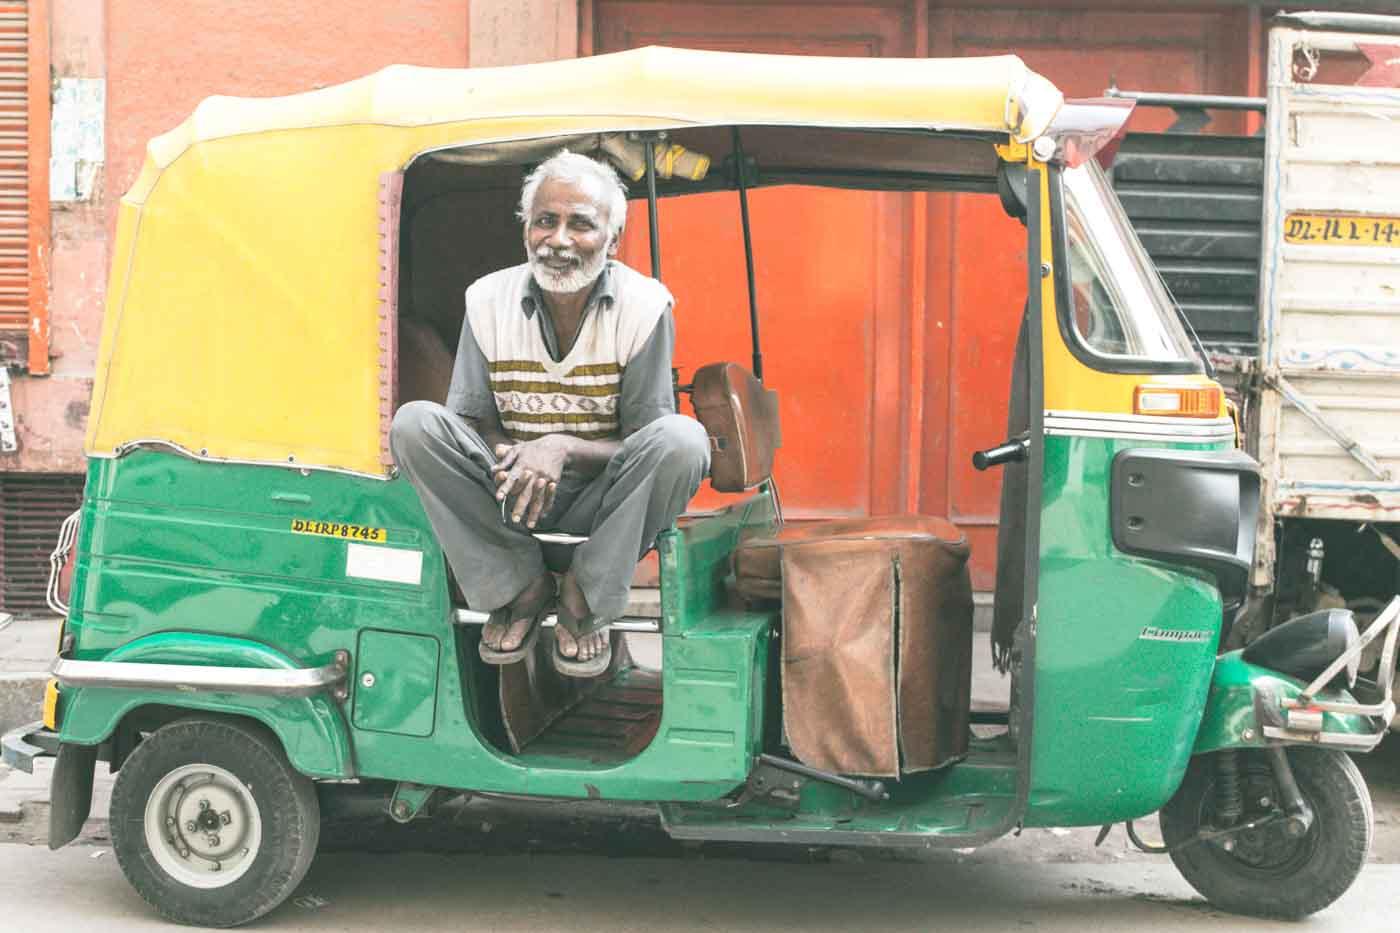 Lasting impressions of Delhi